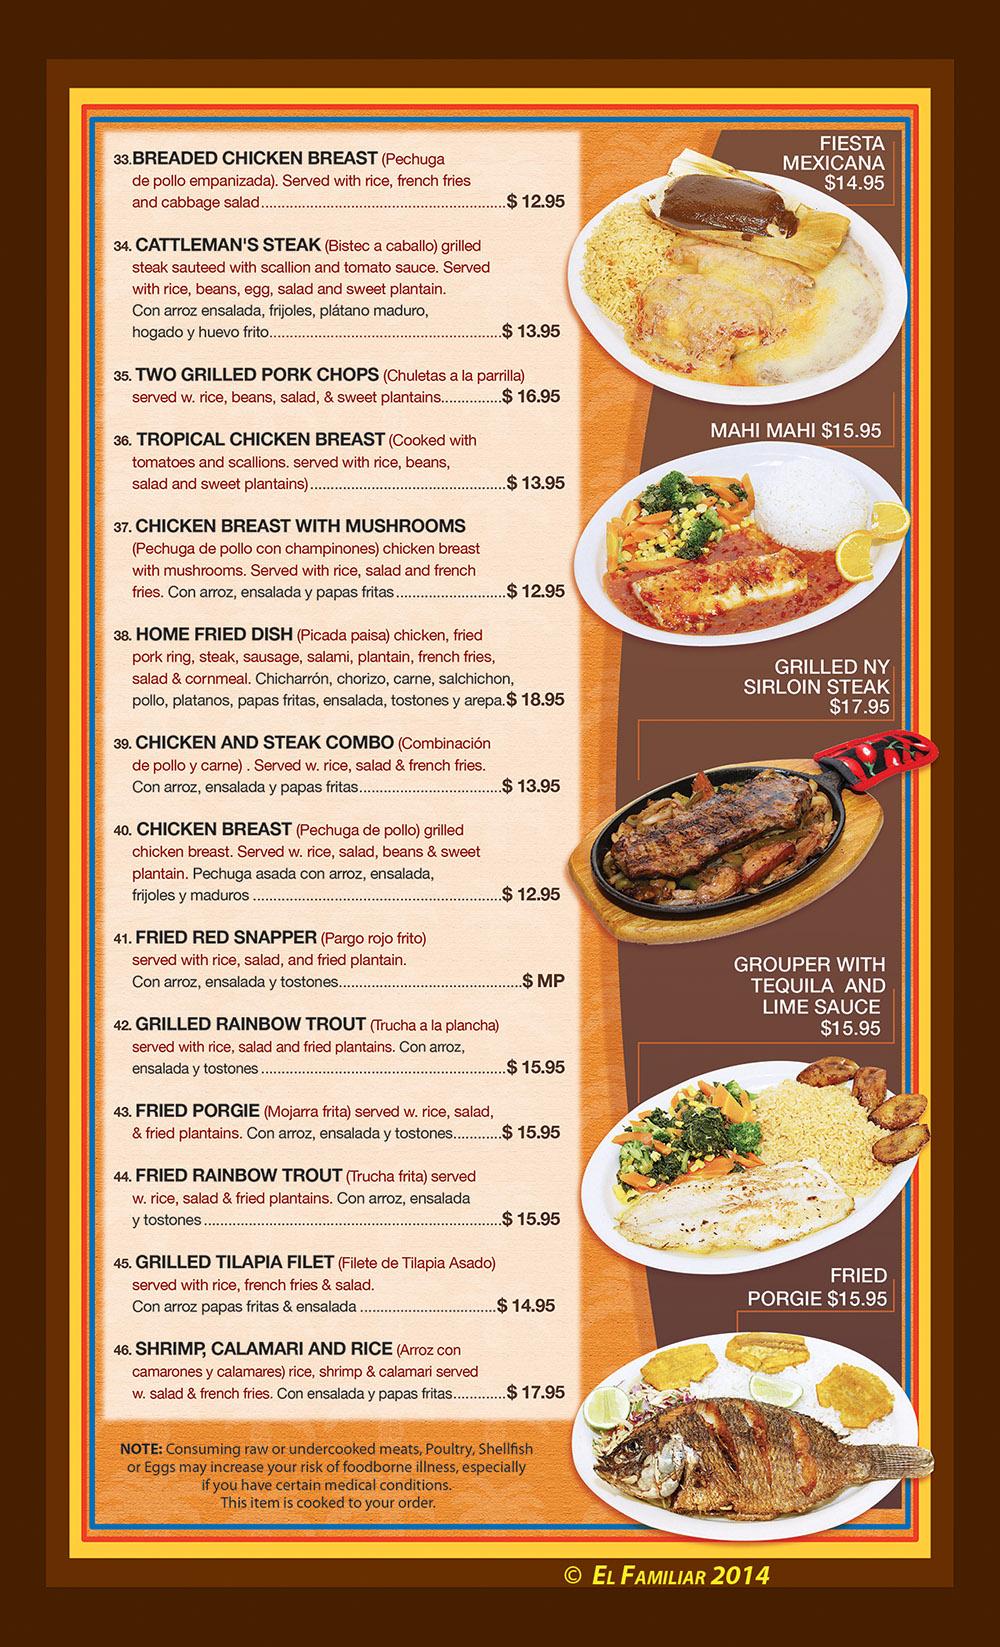 El familiar menu page 4